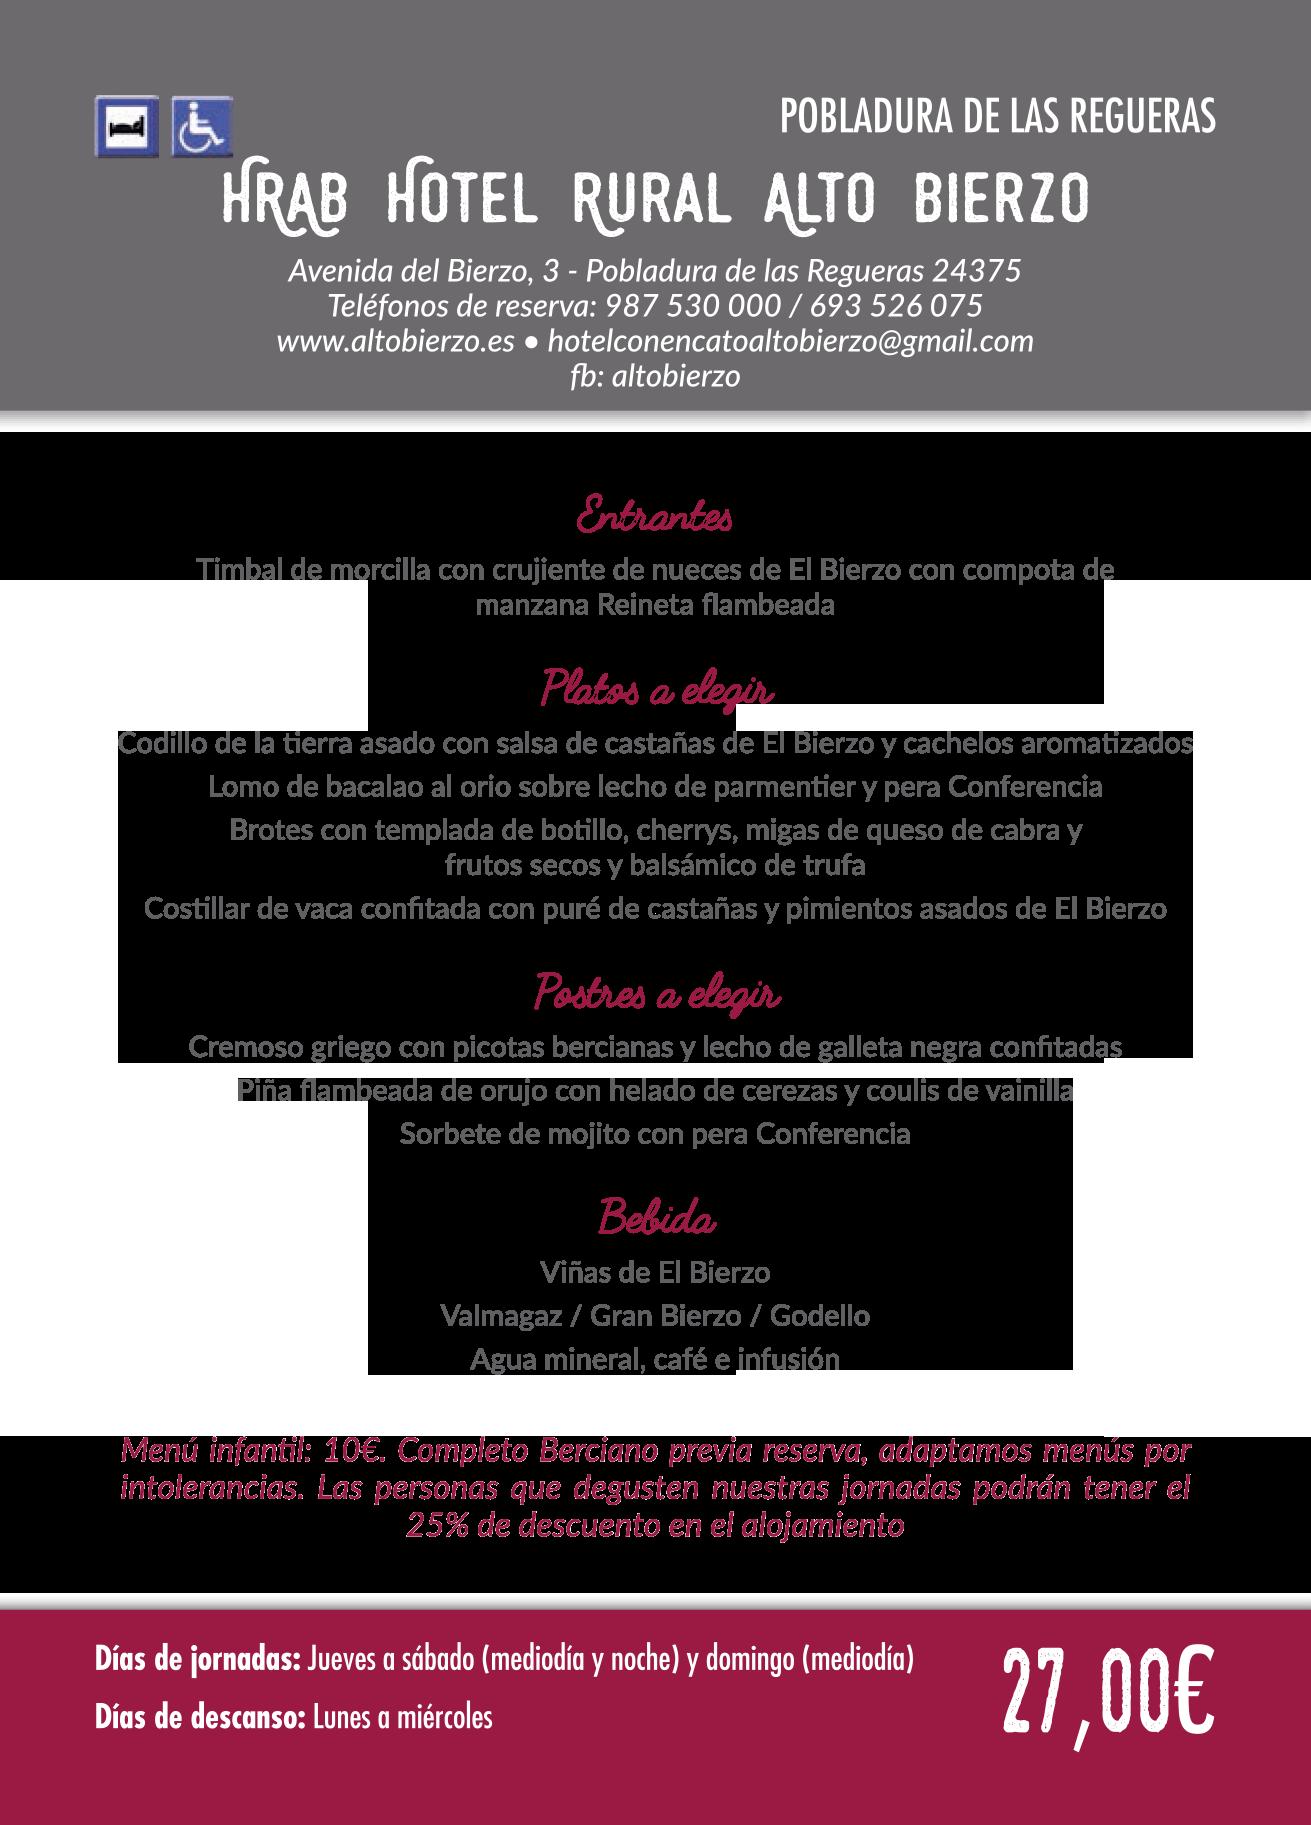 Las Jornadas Gastronómicas del Bierzo llegan a su 35 edición. Consulta los menús de esta edición 7